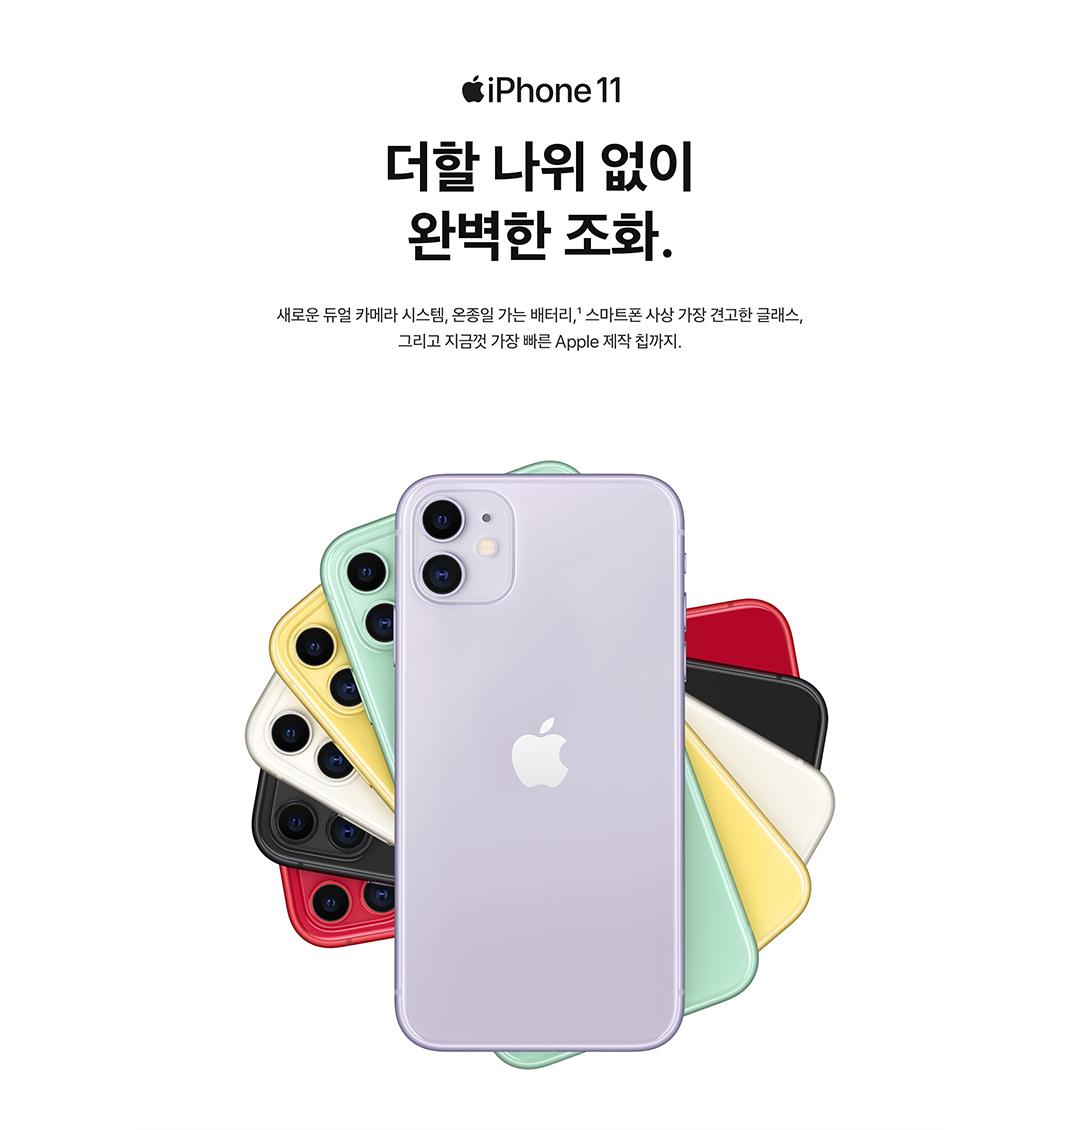 iPhone11 더 할 나위 없이 완벽한 조화. 새로운 듀얼 카메라 시스템, 온종일 가는 배터리, 스마트폰 사상 가장 견고한 글래스, 그리고 지금껏 가장 빠른 Apple 제작 칩까지.